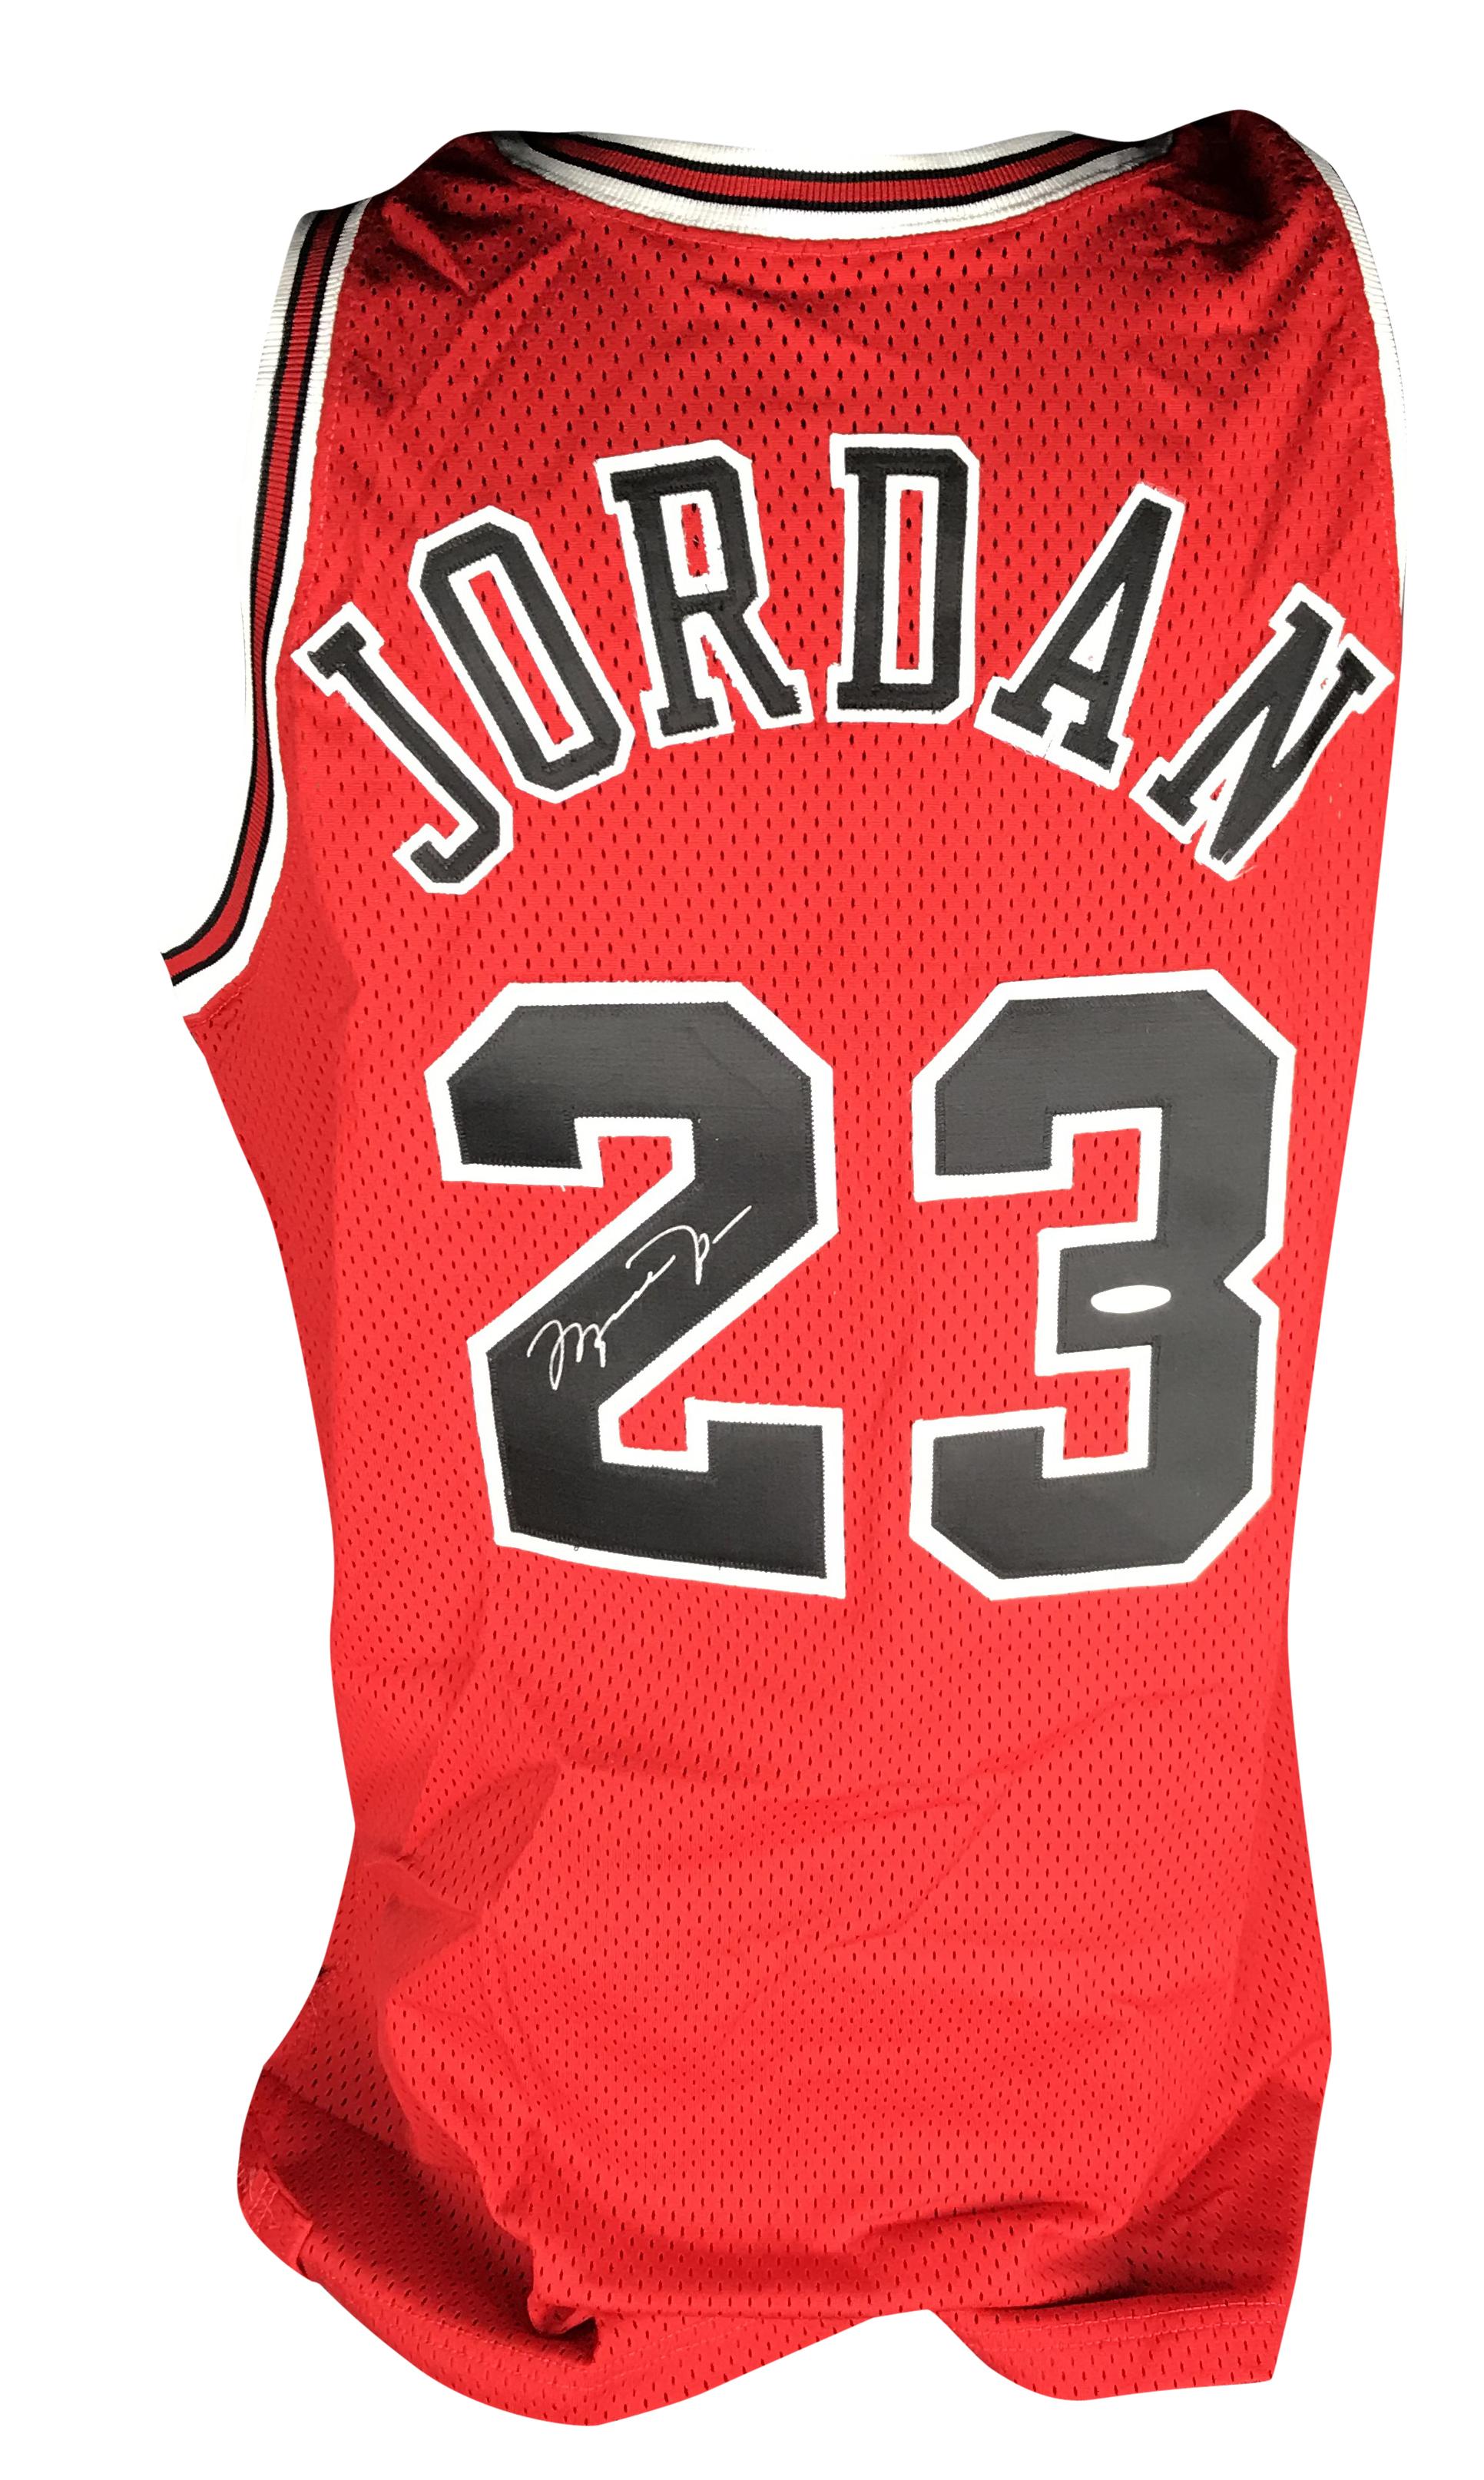 best sneakers 0cea1 0e174 Lot Detail - Michael Jordan Signed Pro Cut 1996/97 Champion ...